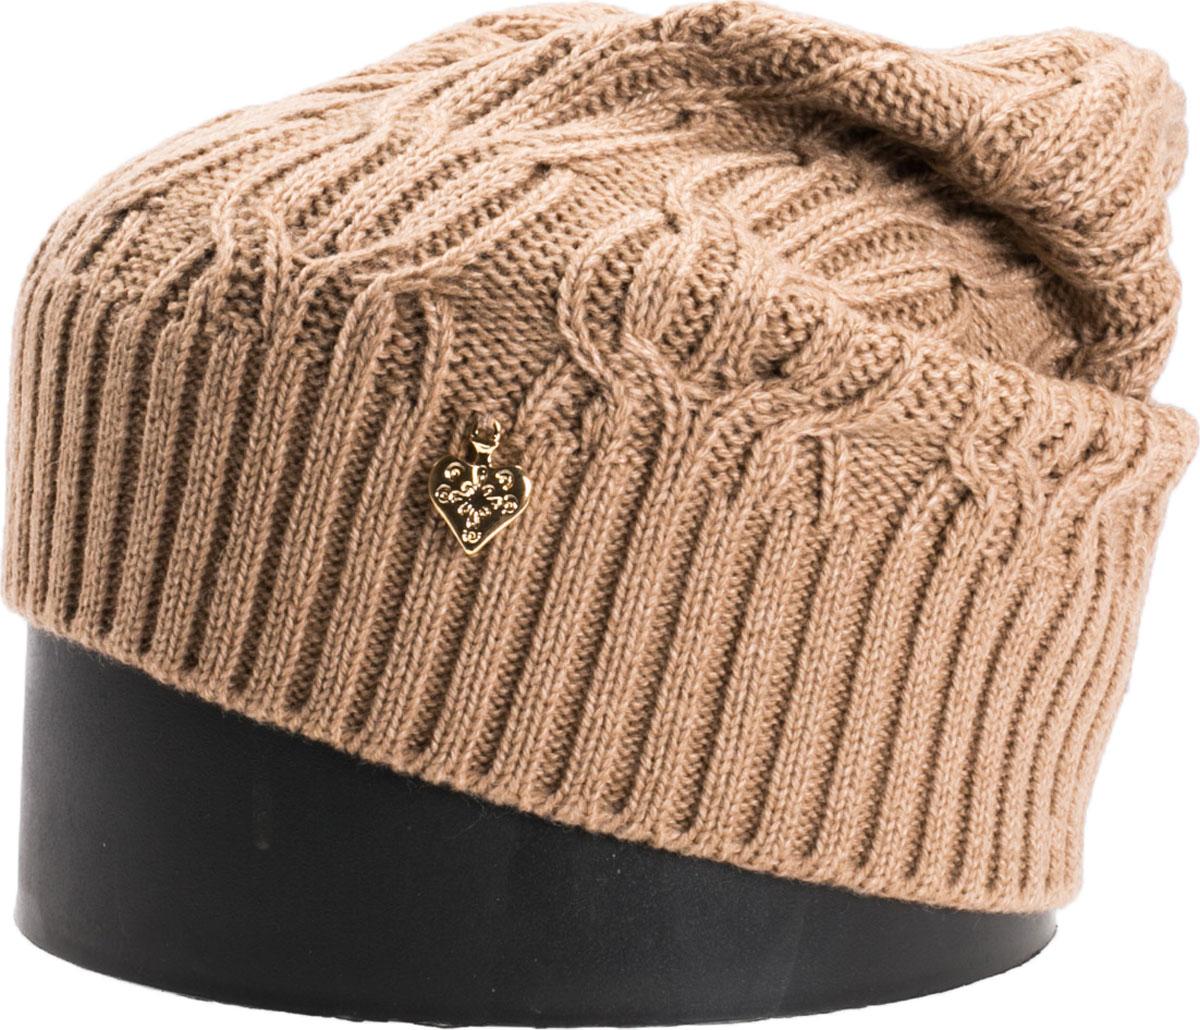 Шапка женская Vittorio Richi, цвет: бежевый. NSH900112. Размер 56/58NSH900112Стильная женская шапка Vittorio Richi отлично дополнит ваш образ в холодную погоду. Модель, изготовленная из шерсти с добавлением акрила, максимально сохраняет тепло и обеспечивает удобную посадку. Шапка дополнена ажурной вязкой и сбоку декоративным элементом. Привлекательная стильная шапка подчеркнет ваш неповторимый стиль и индивидуальность.